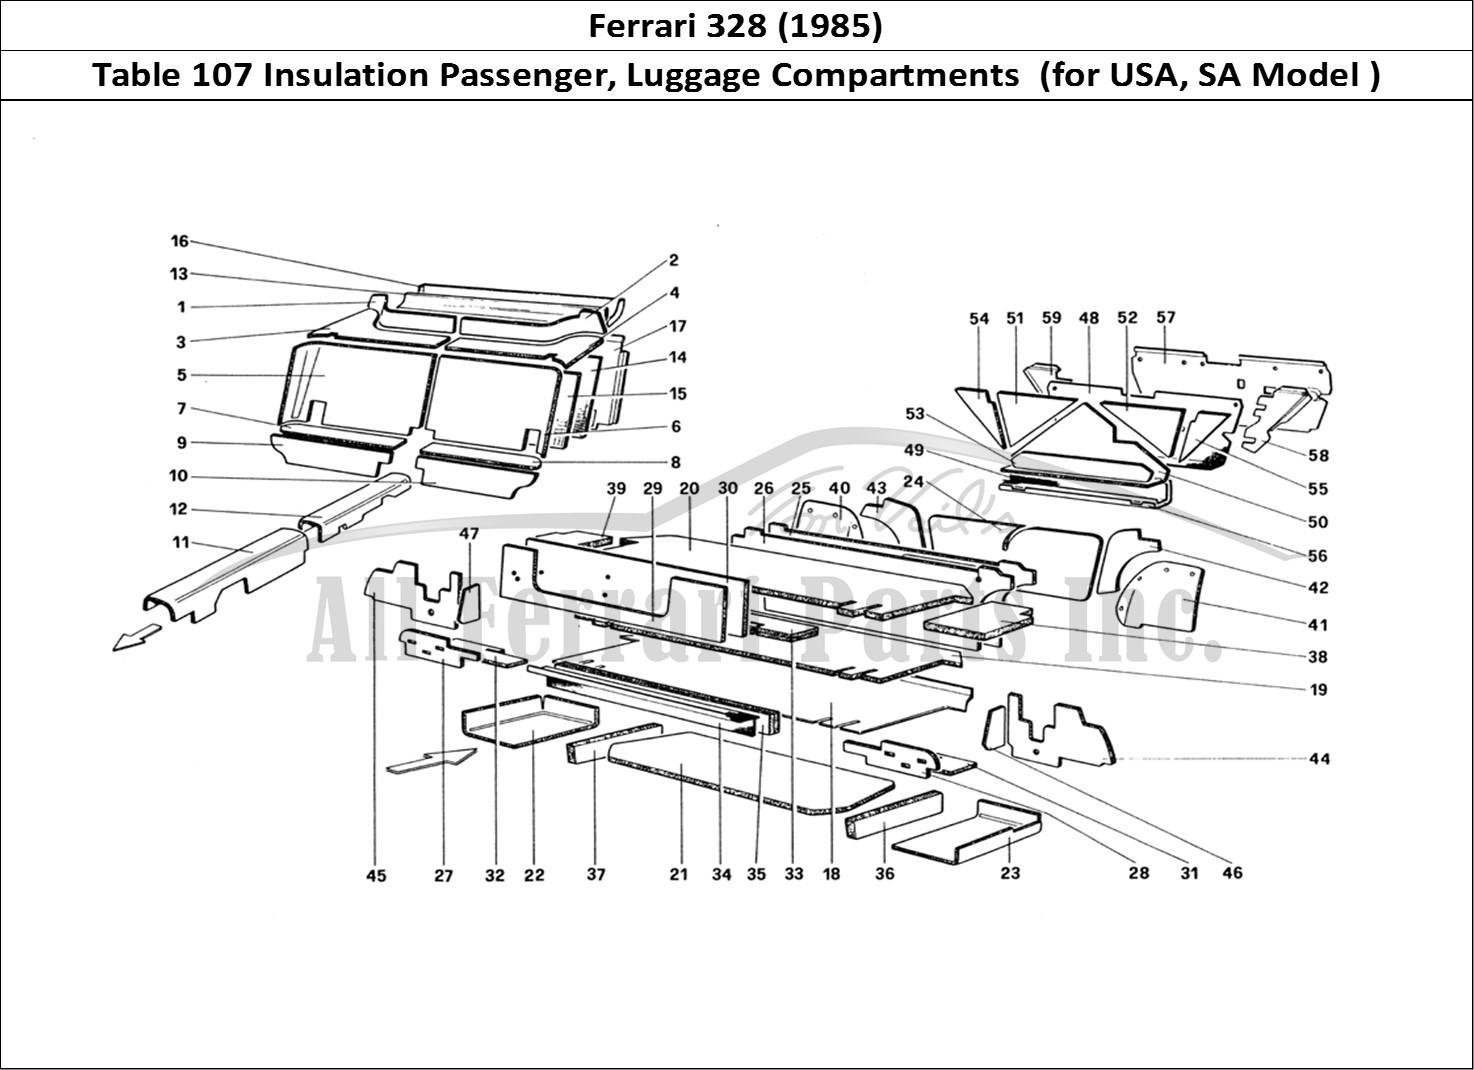 Buy Original Ferrari 328 107 Insulation Passenger